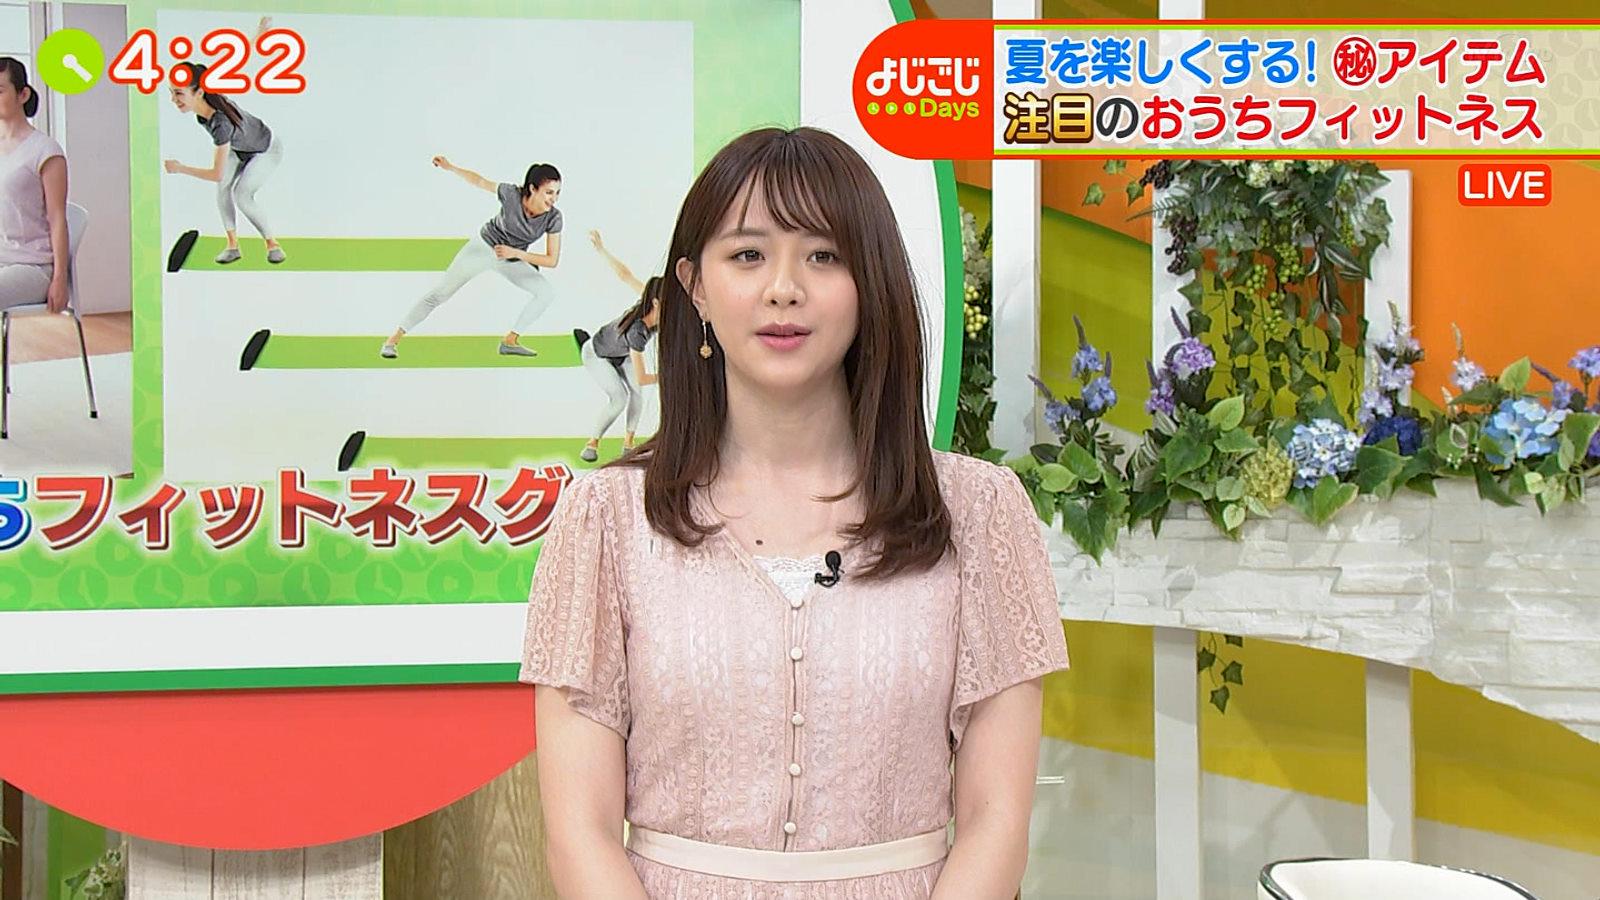 森香澄_女子アナ_おっぱい_乳揺れ_よじごじDAYS_31